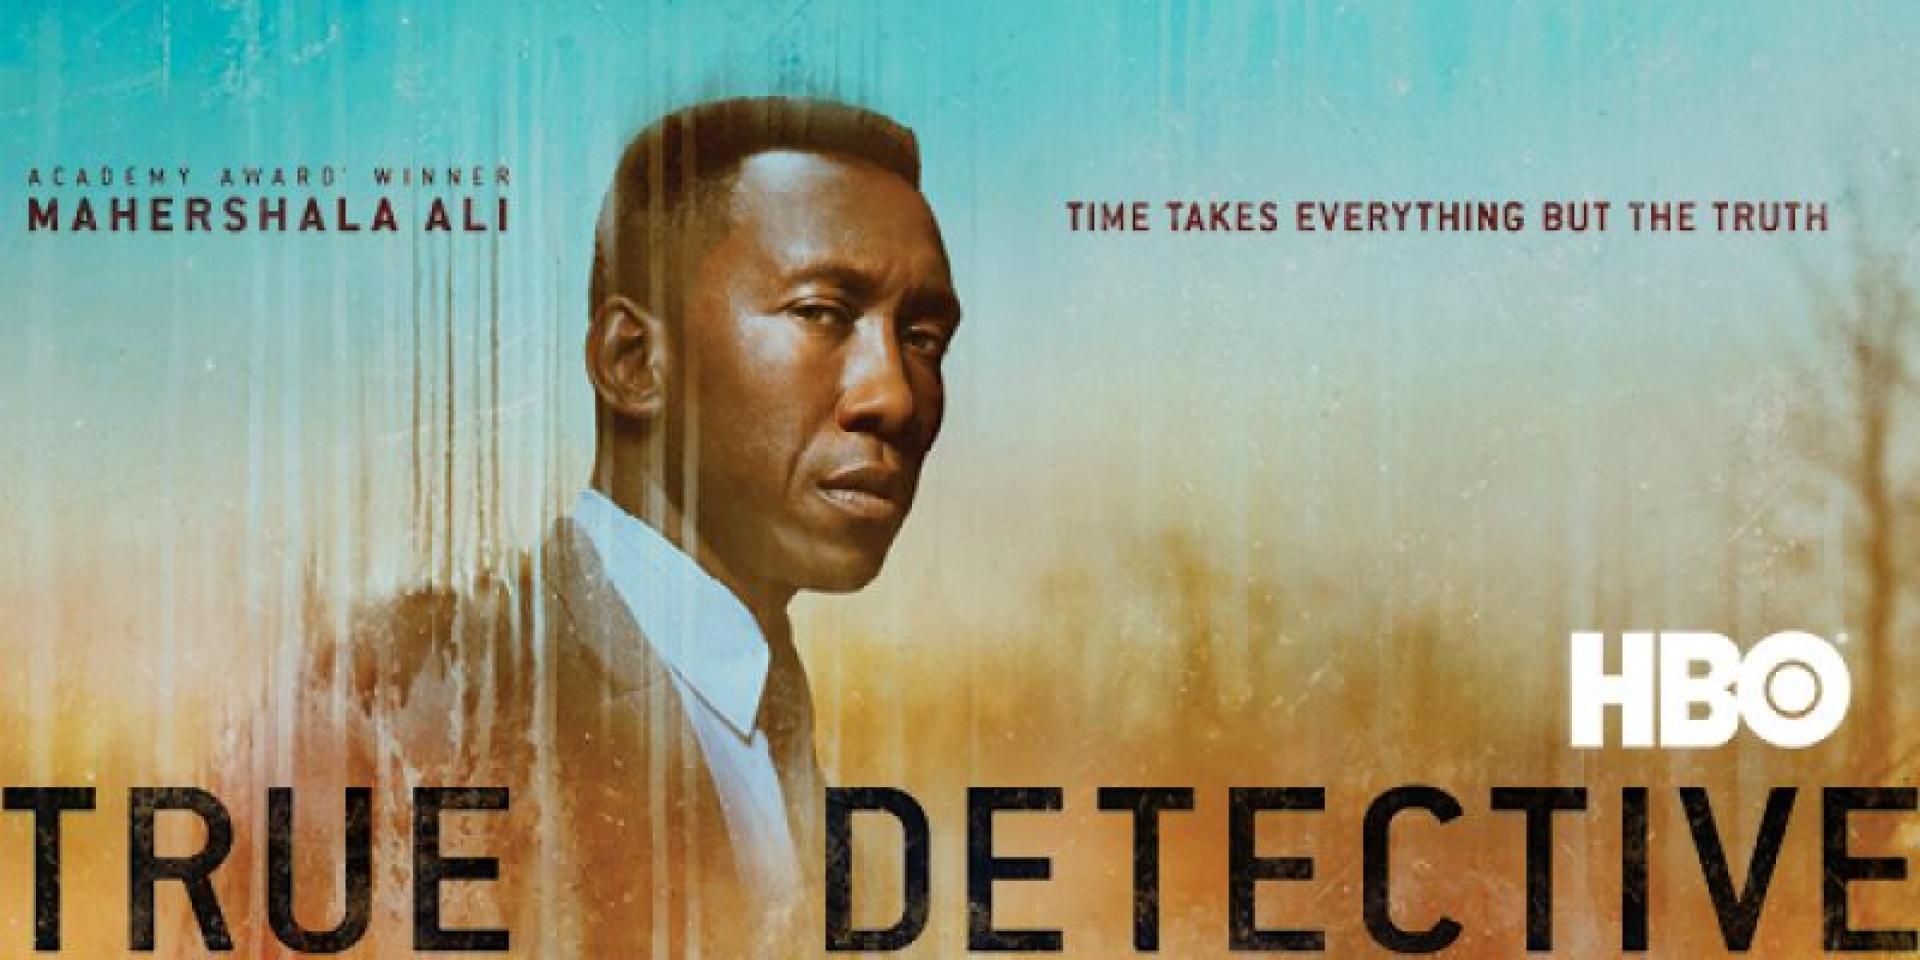 True Detective - A törvény nevében 3. évad értékelője